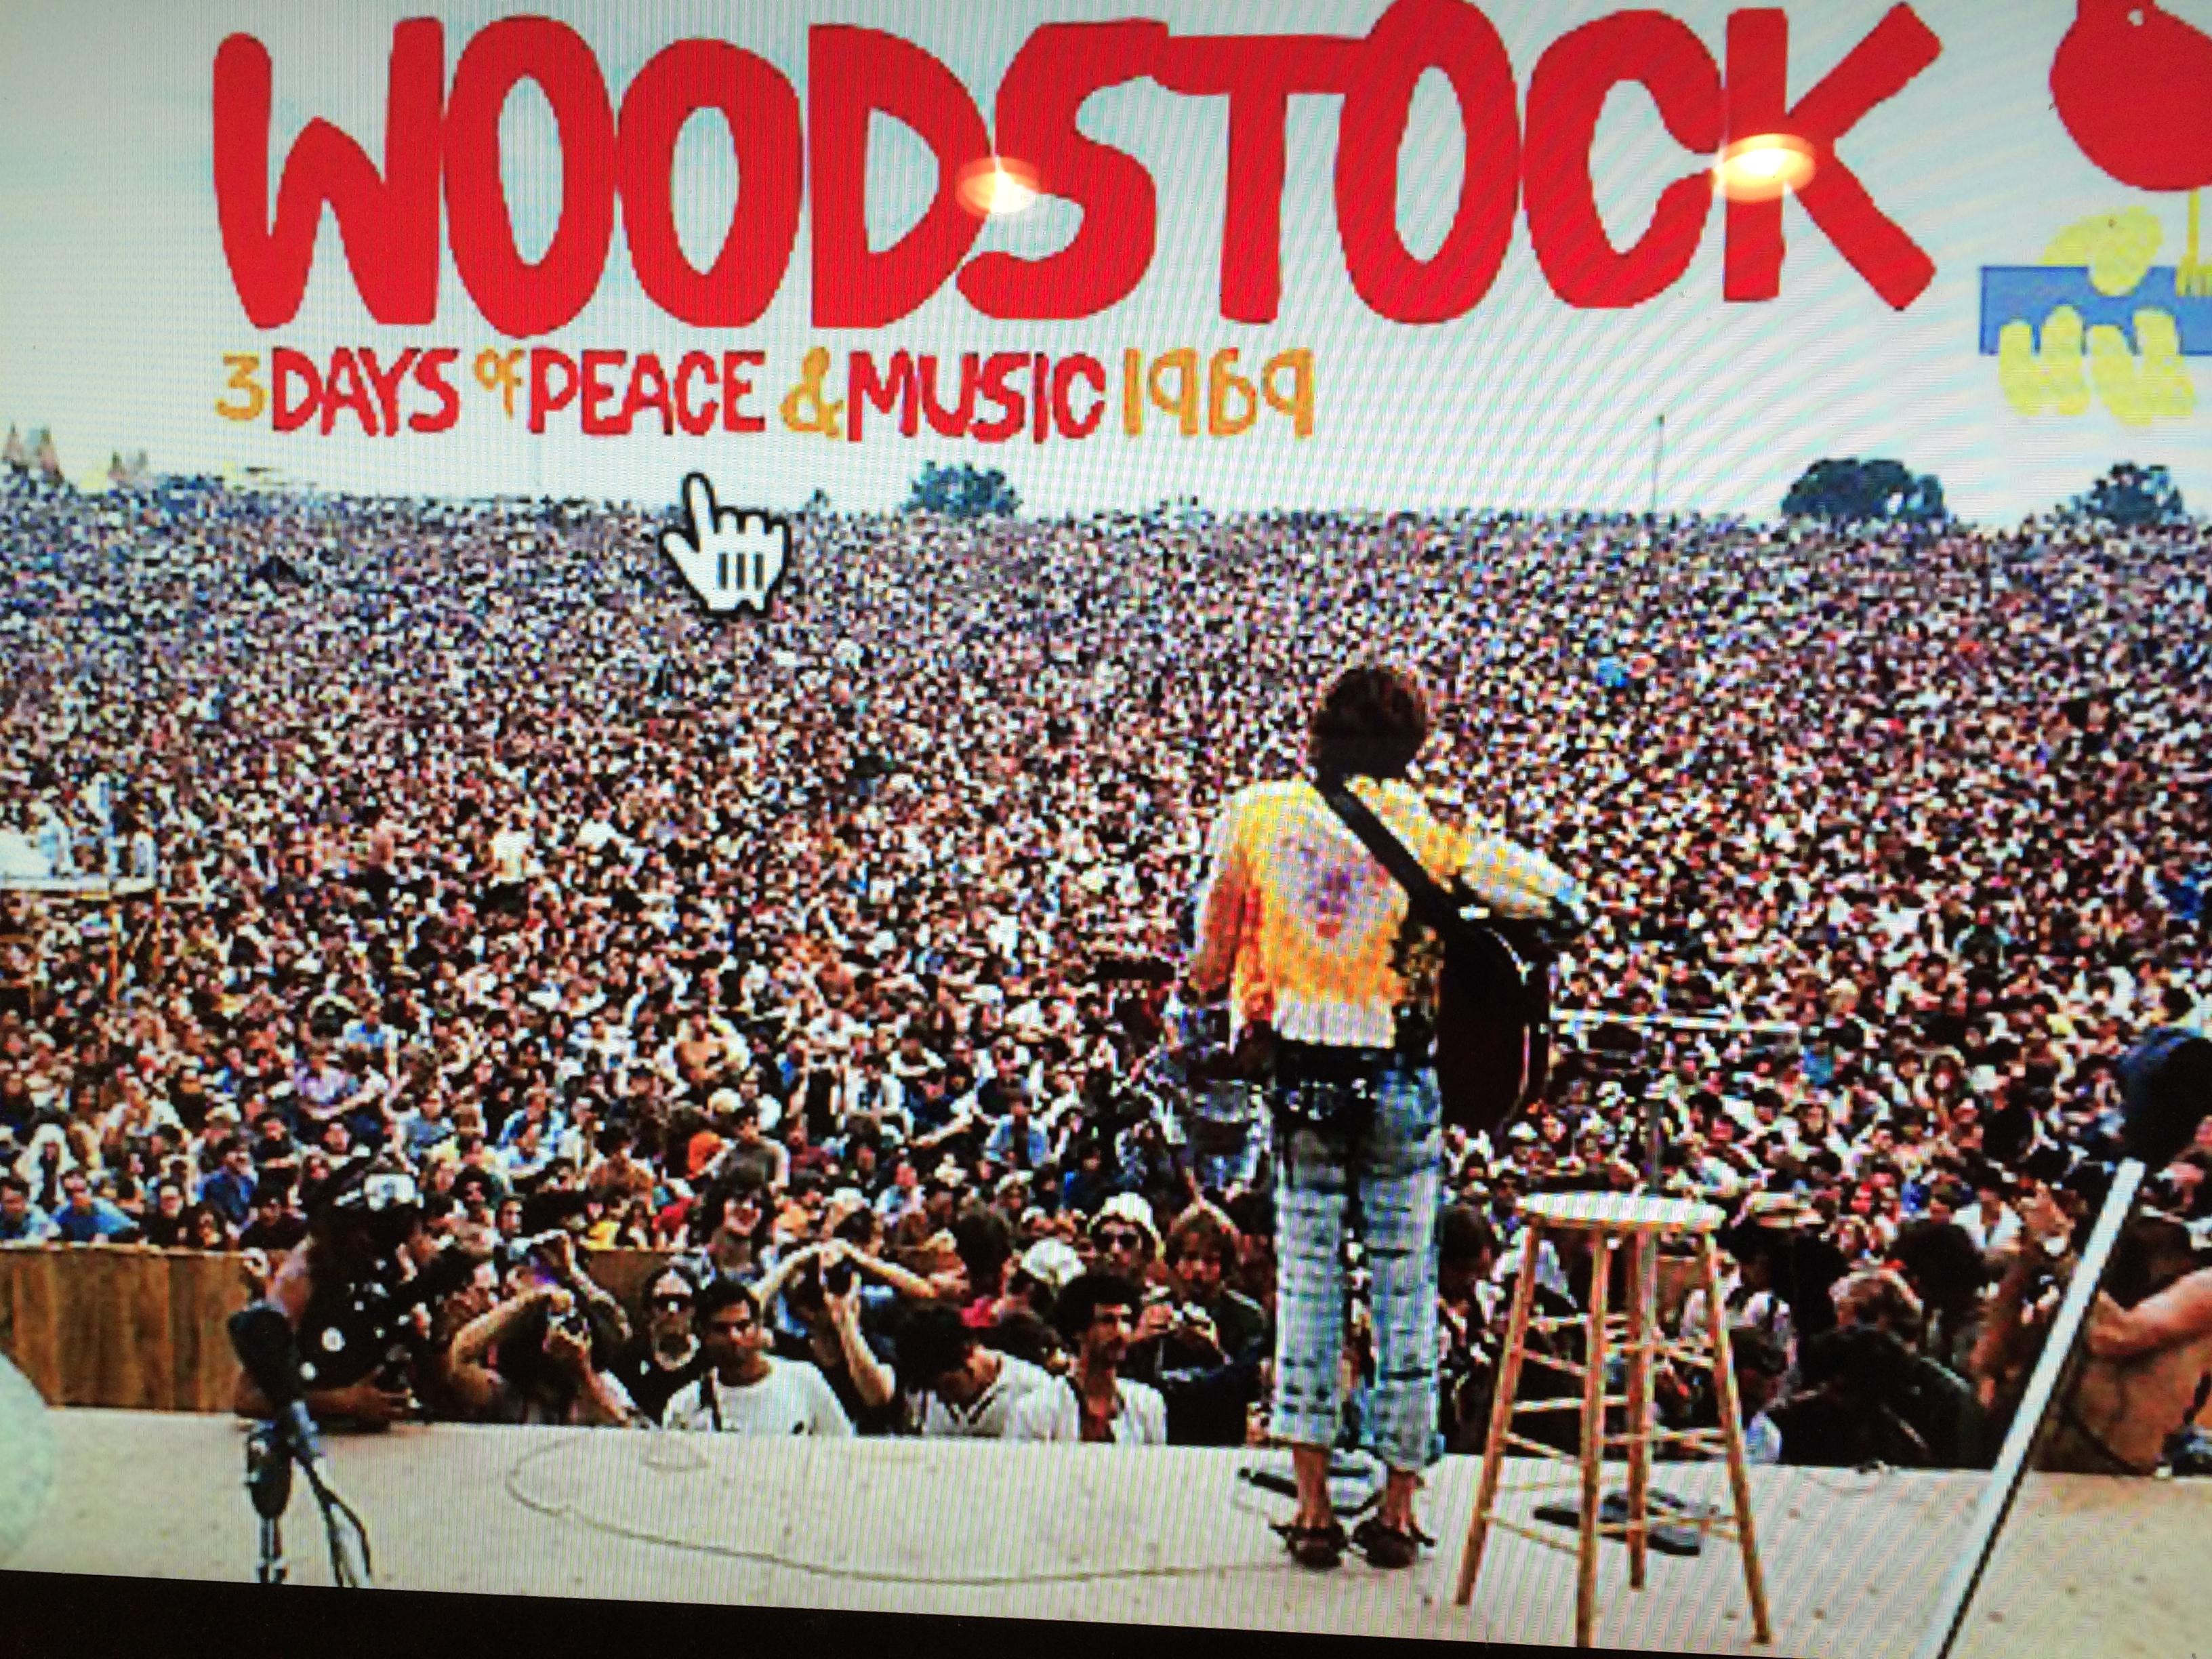 Il concerto di Woodstock, com'è nata la leggenda